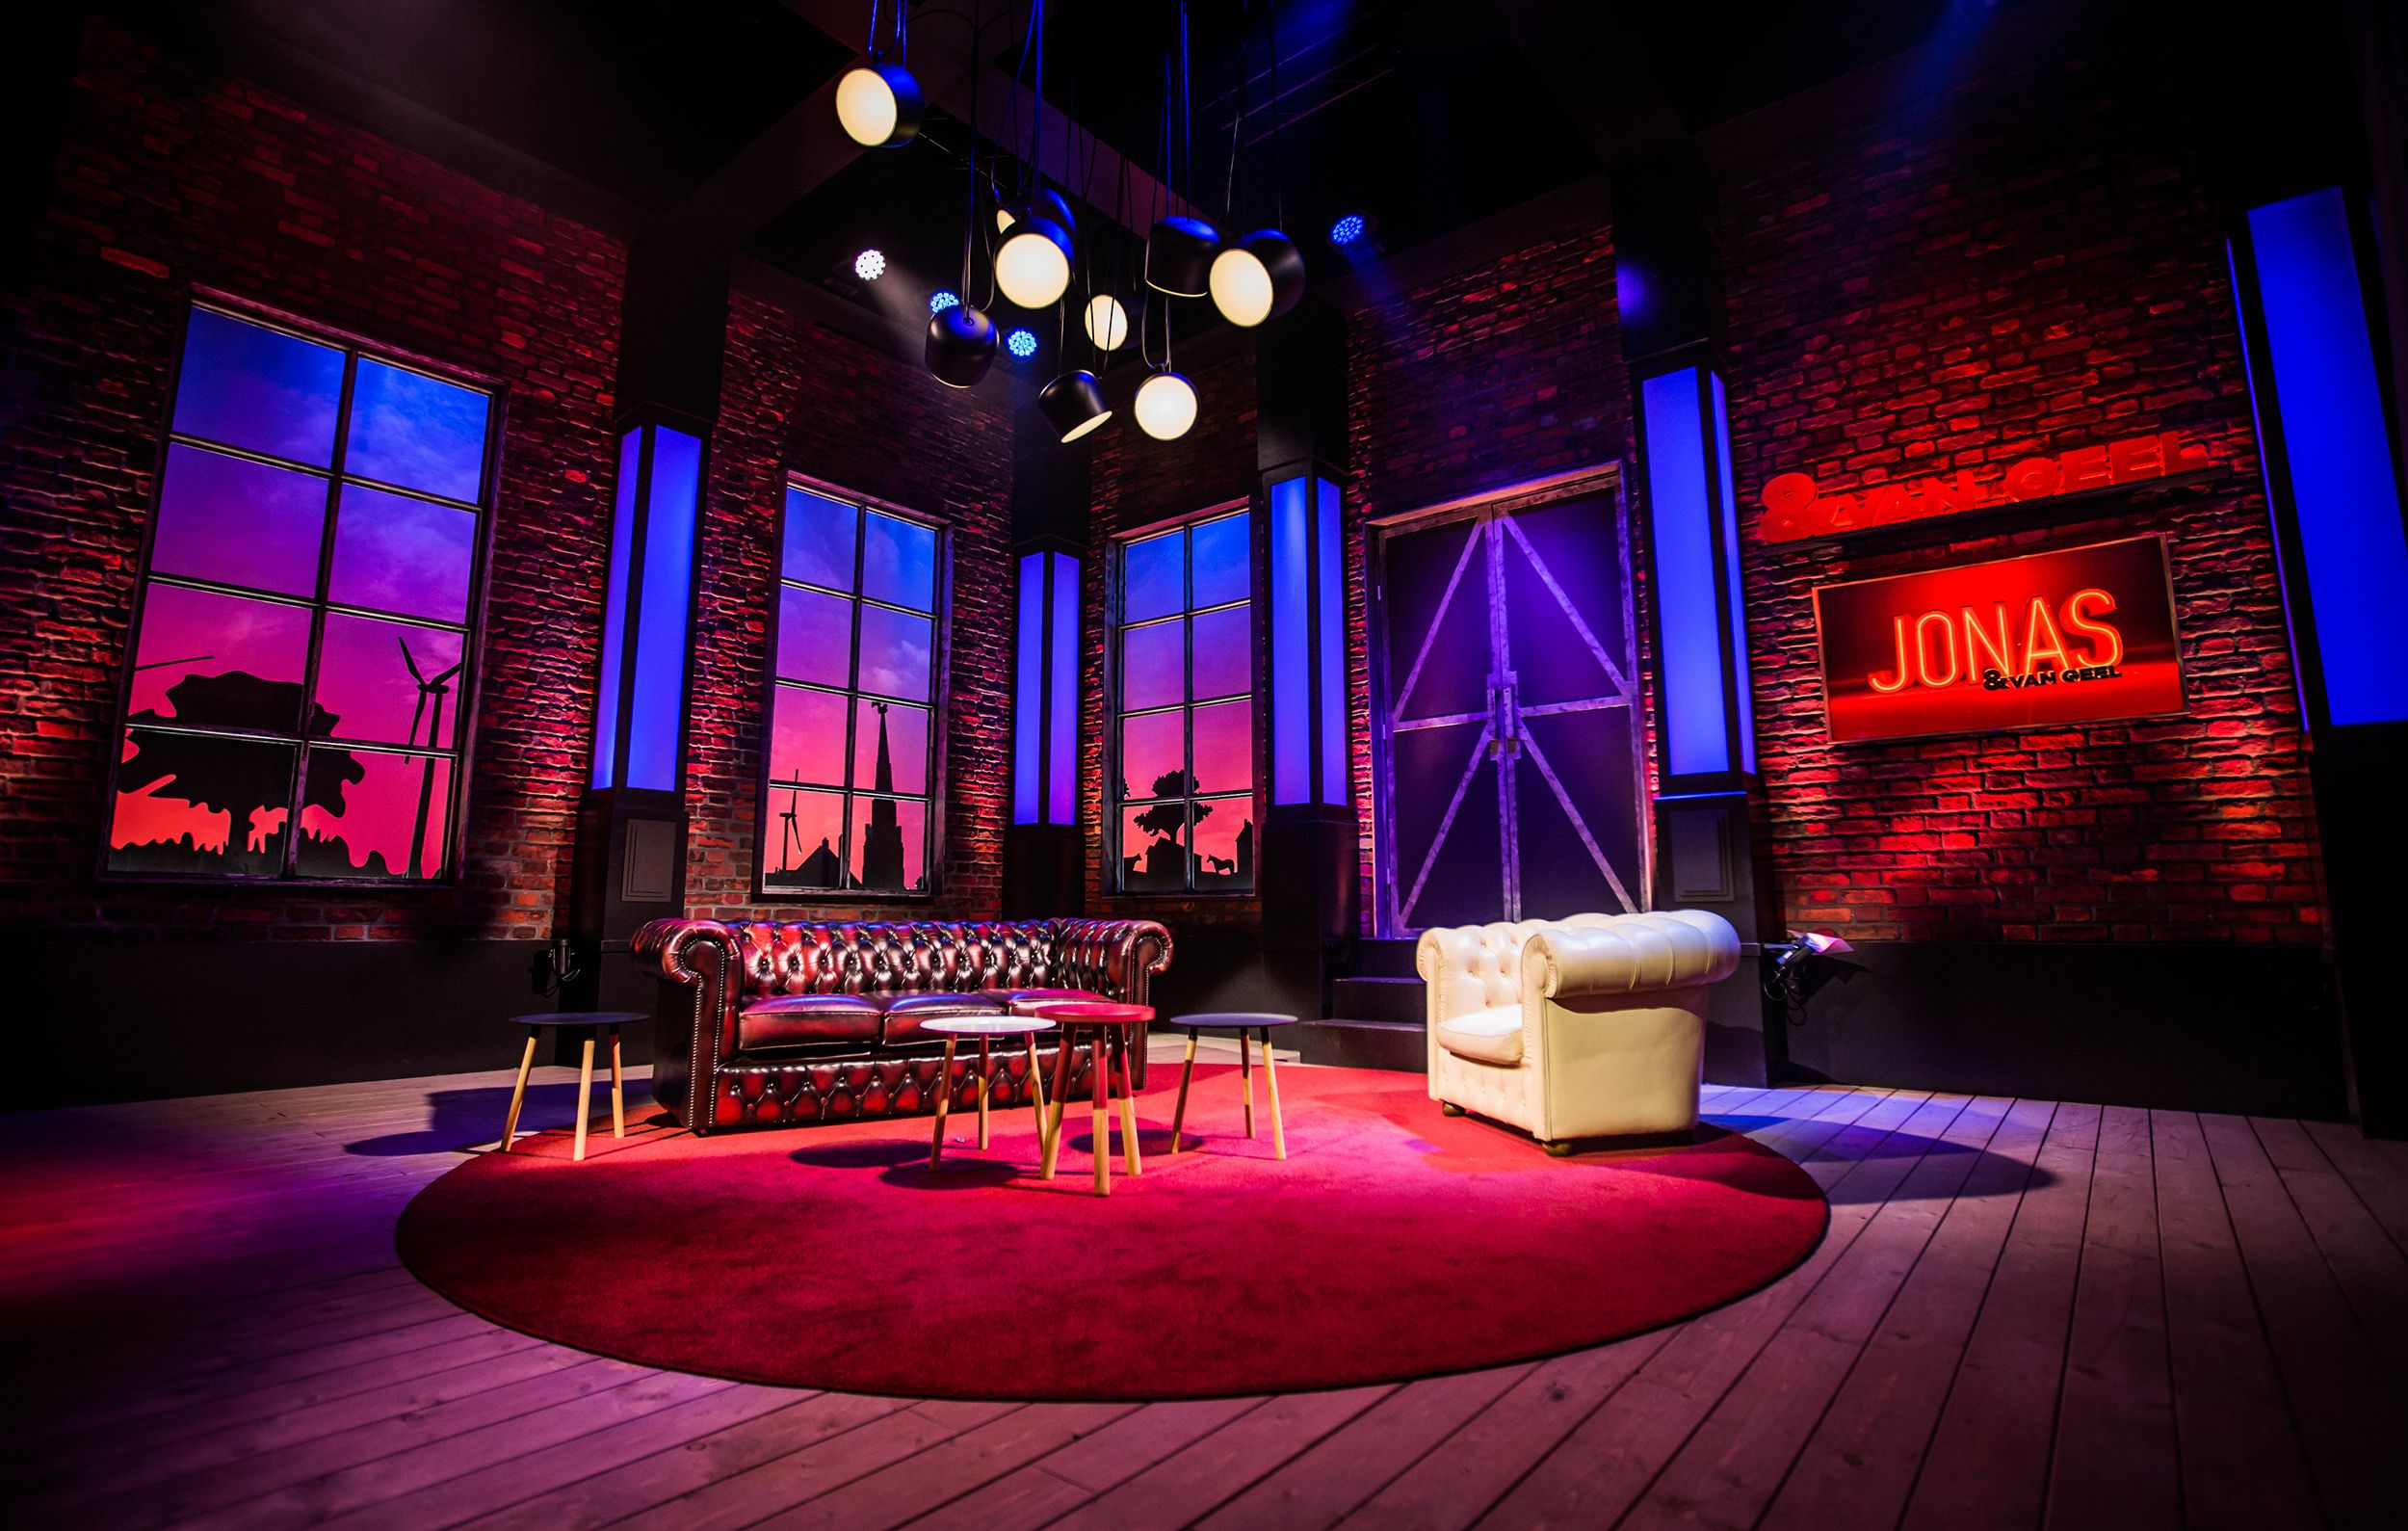 Design Shows On Tv Tv Set  Show Set  Set Design  Scenography  Television Show